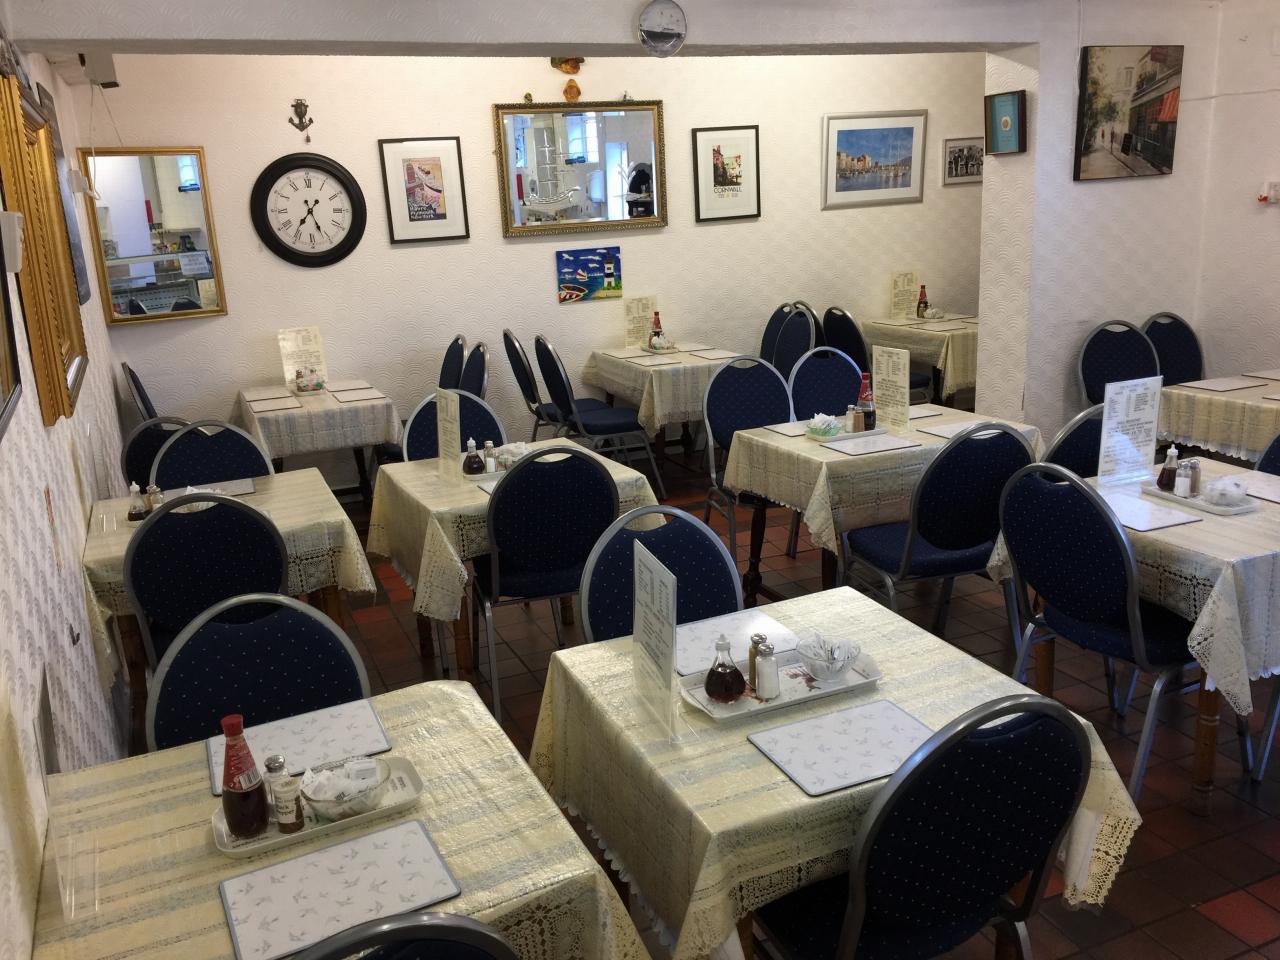 Café For Sale - Photograph 3